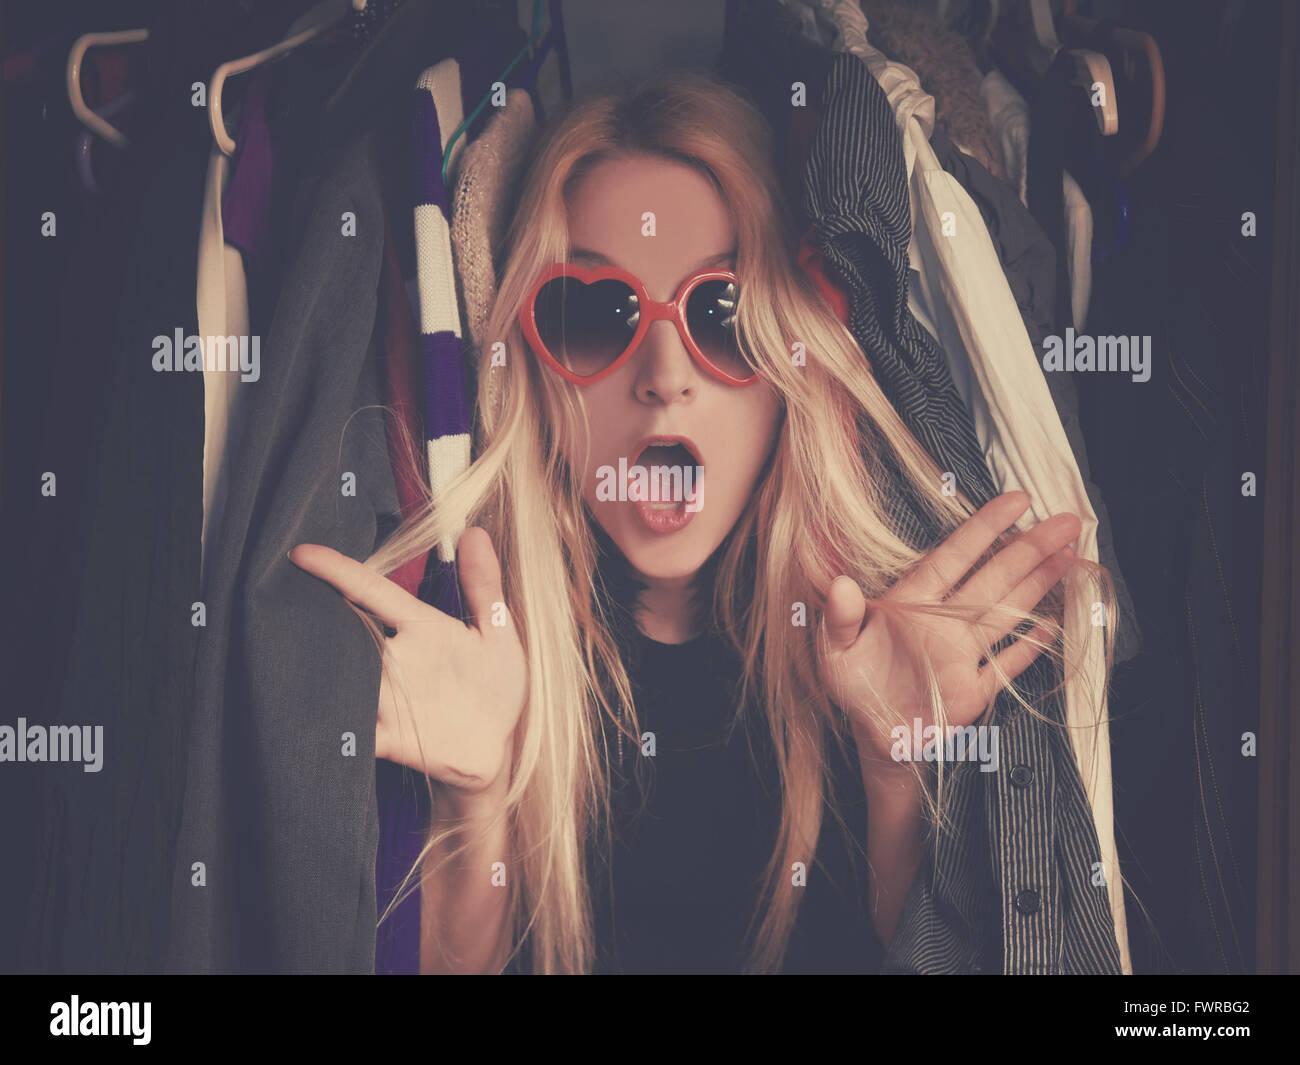 Eine Frau ist in einem Schrank unordentlich Kleidung mit roter Brille für einen Stil oder Mode Konzept überwältigt. Stockbild